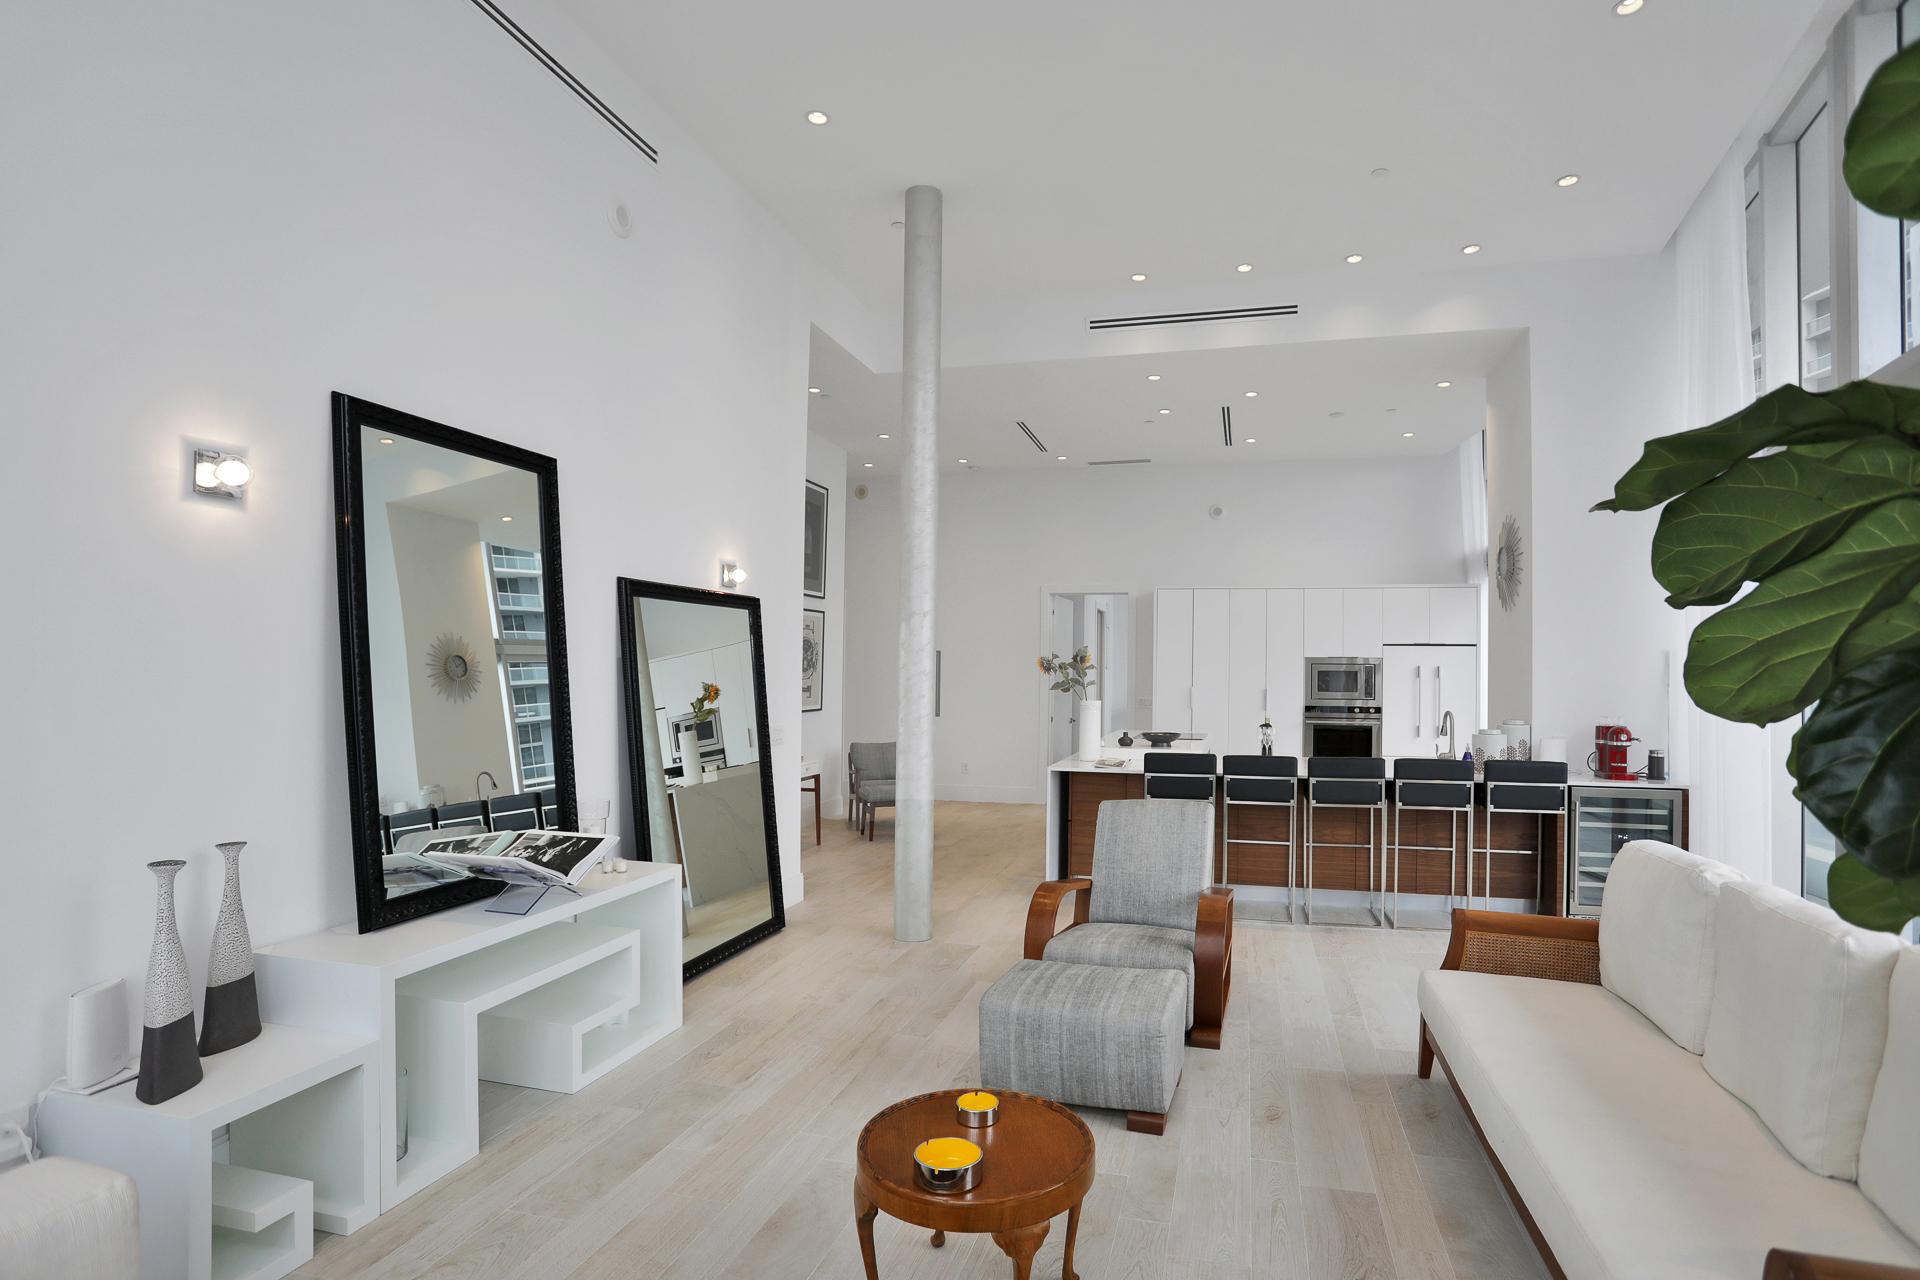 living room with open floor plan